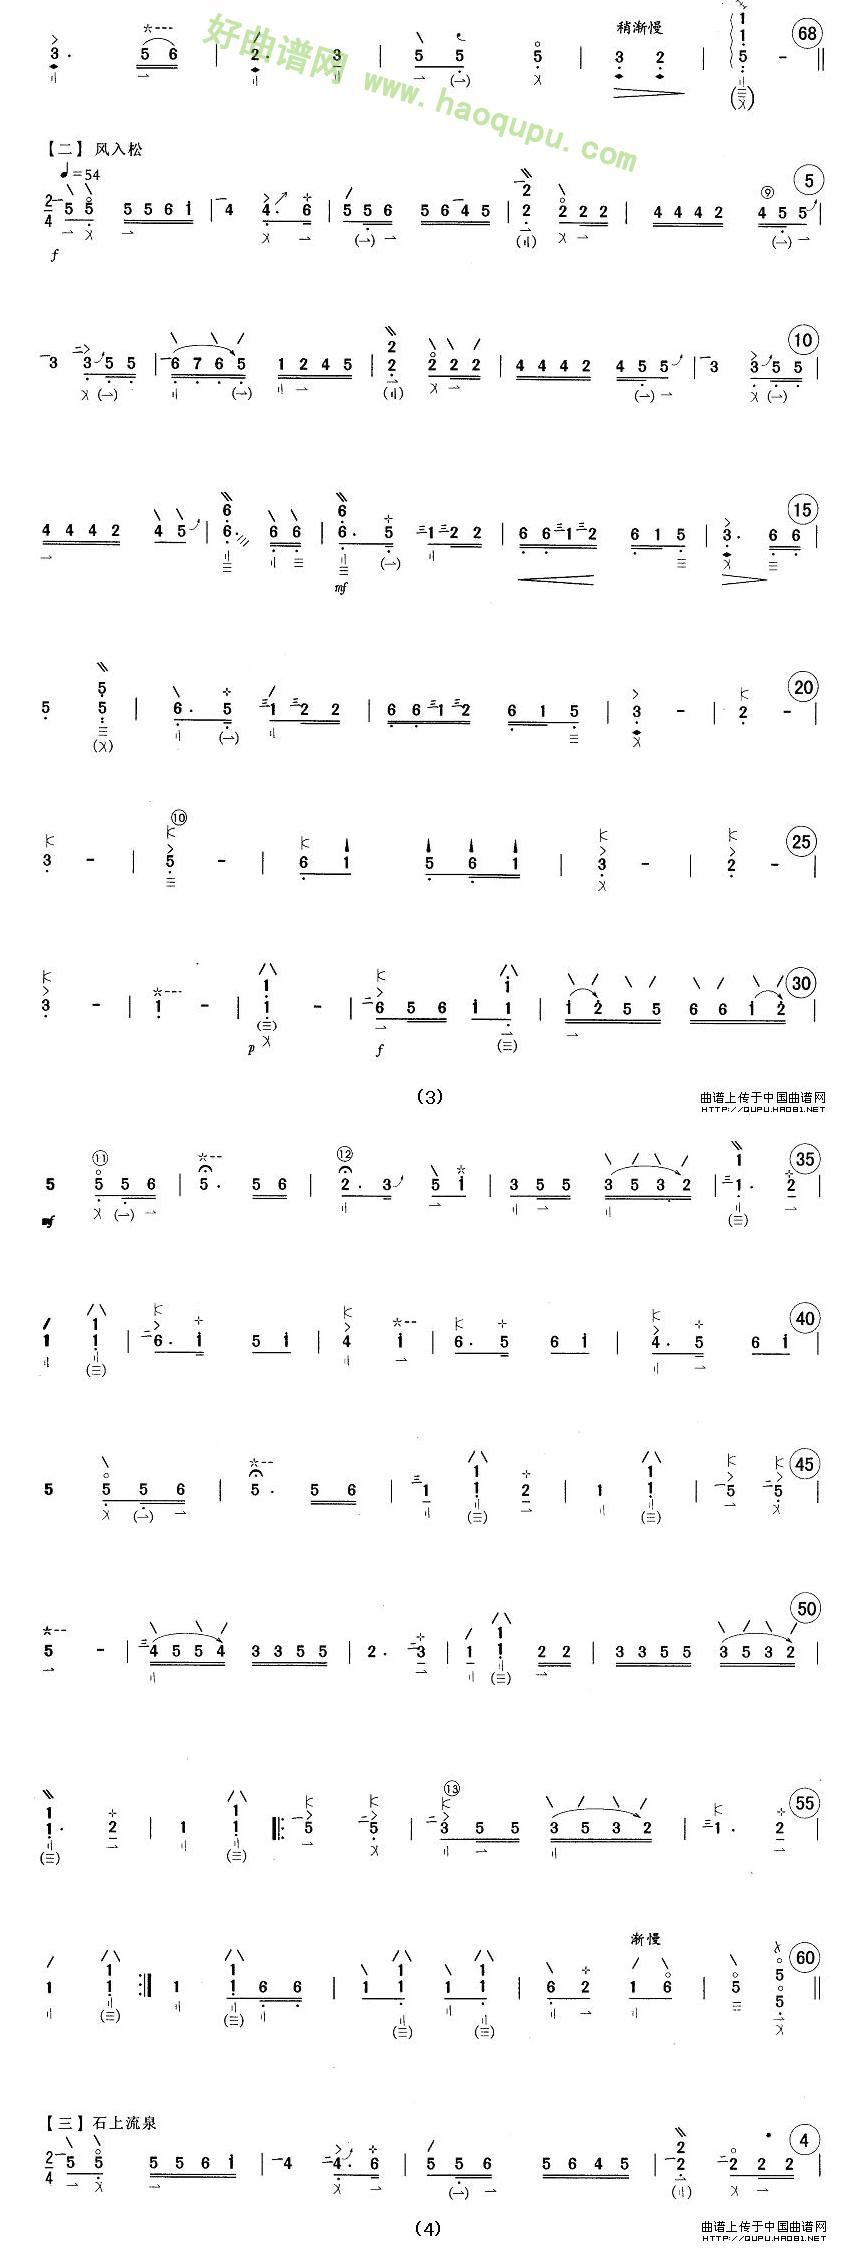 《青莲乐府》(卫仲乐演奏版)琵琶曲谱第2张